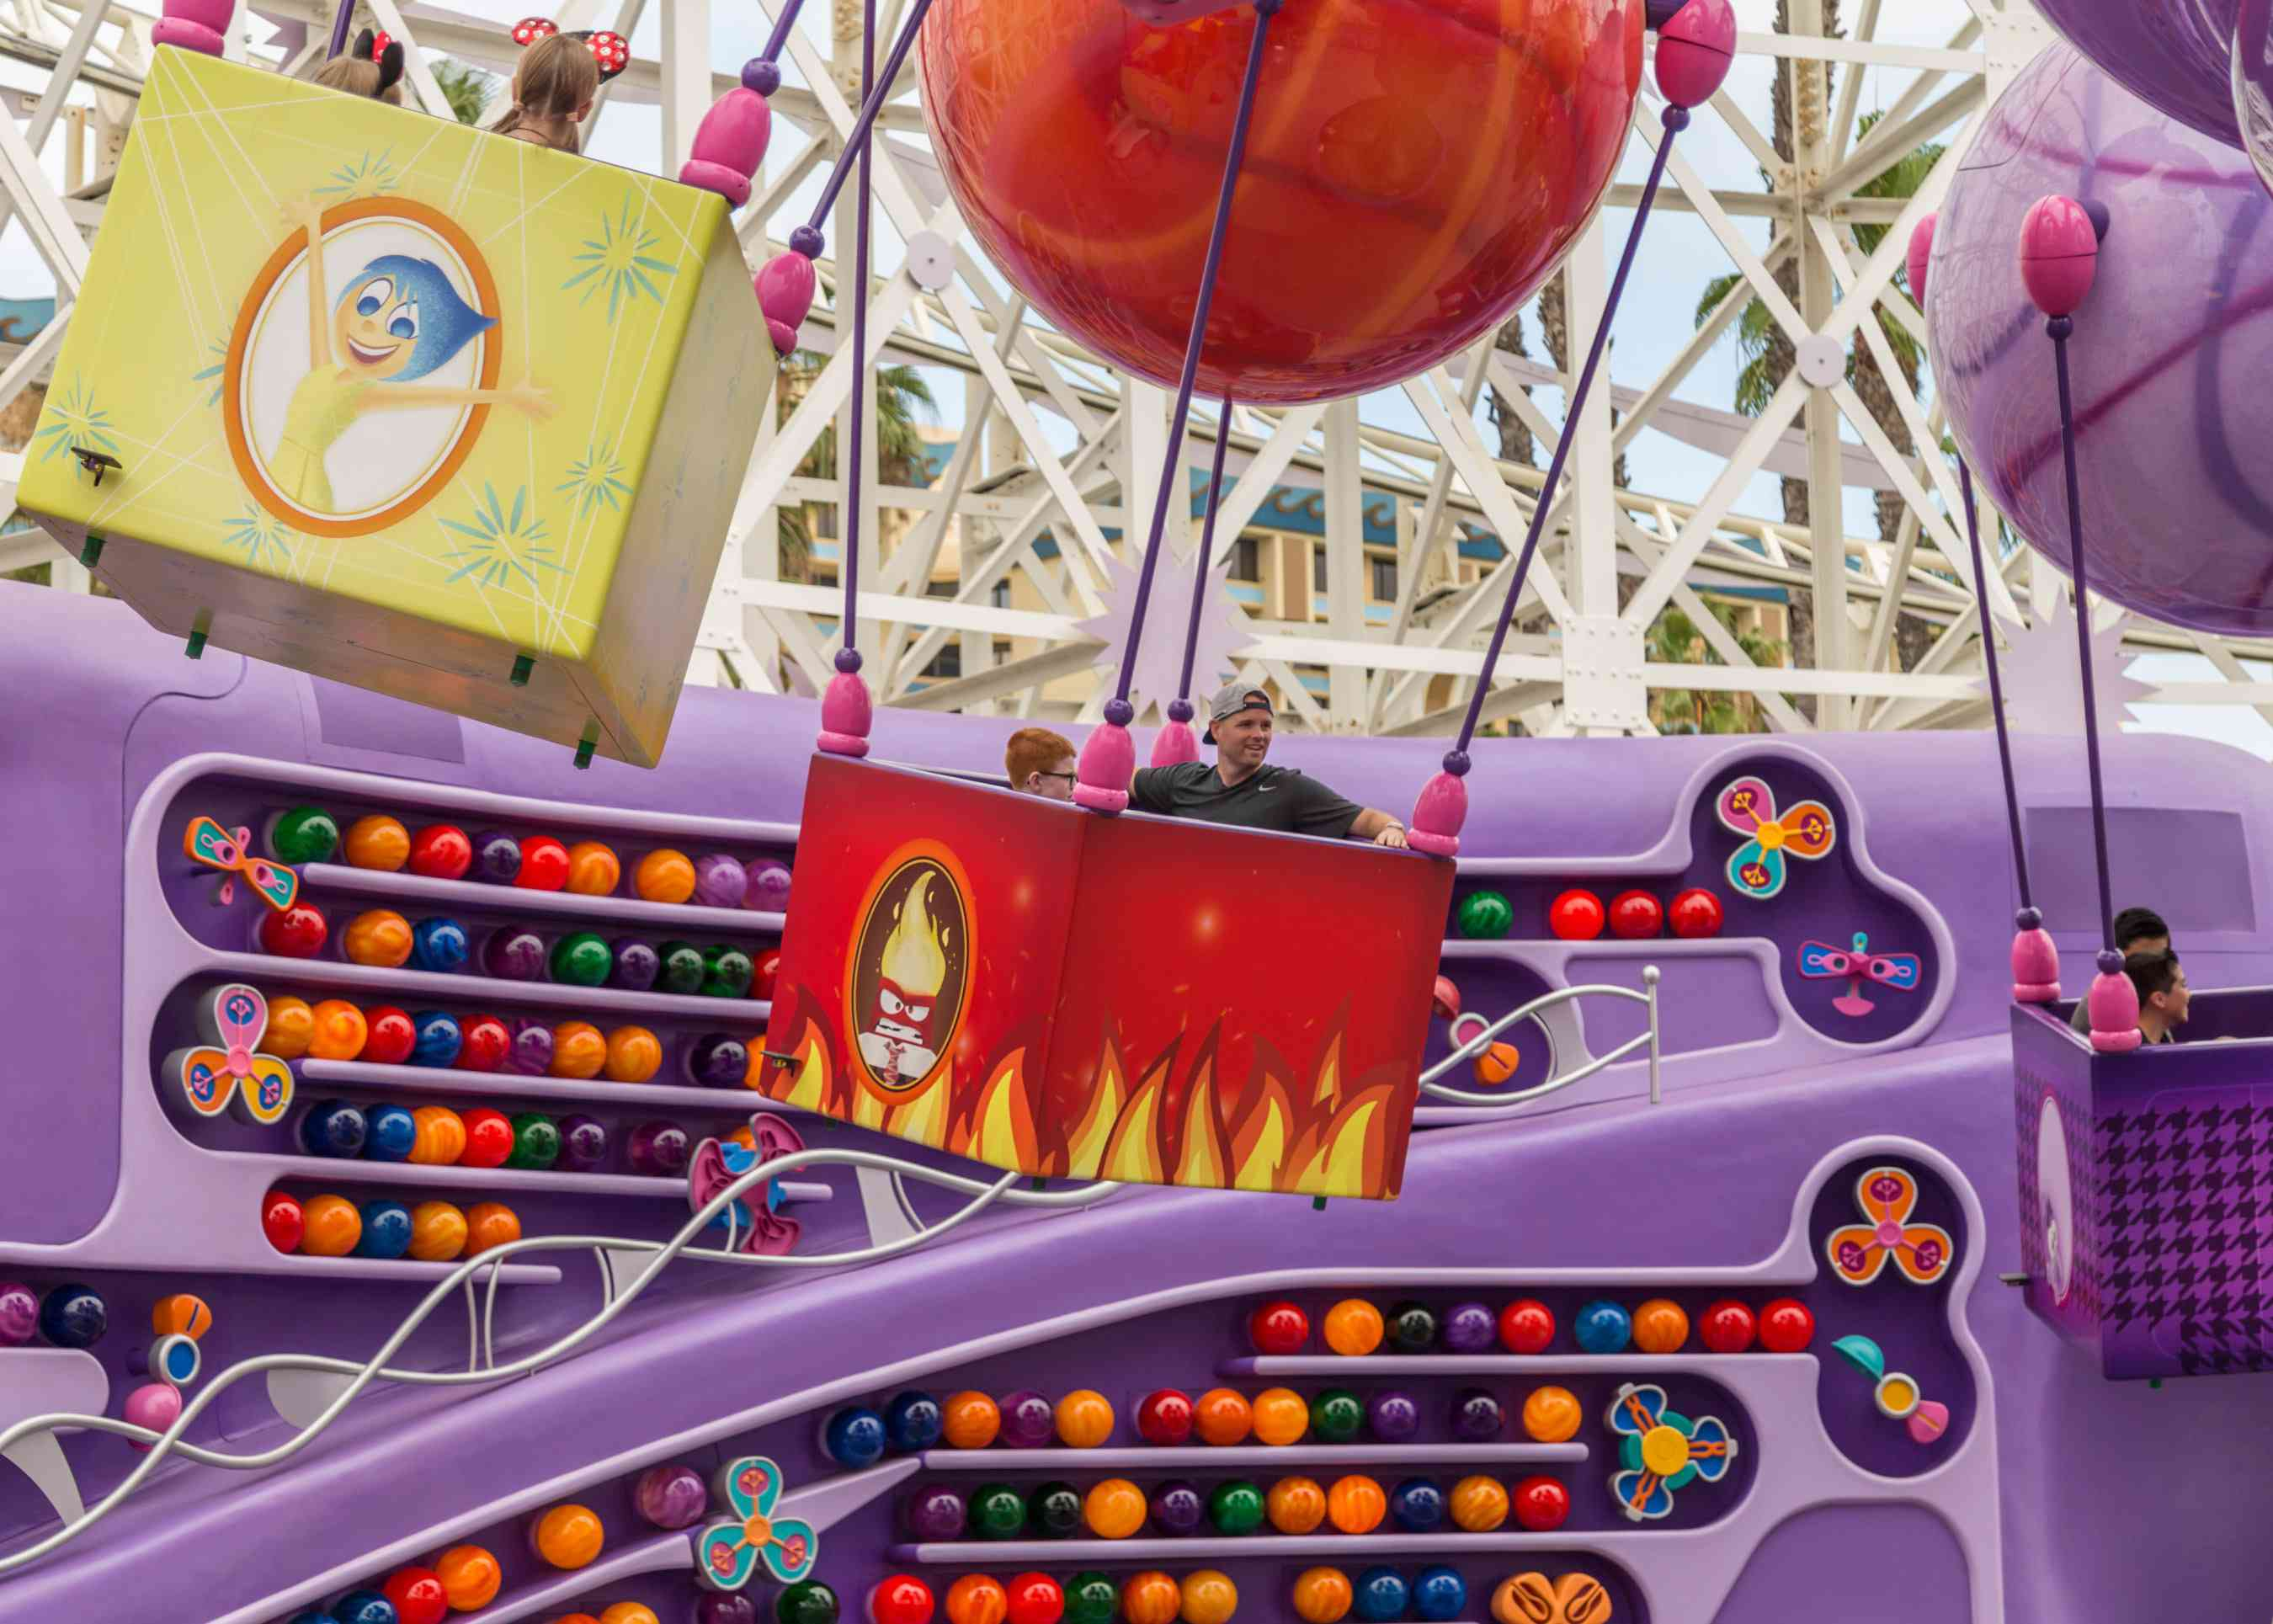 Los vehículos de paseo se ven como globos aerostáticos estilizados en Inside Out Emocional Torbellino en Pixar Pier en Disney California Adventure